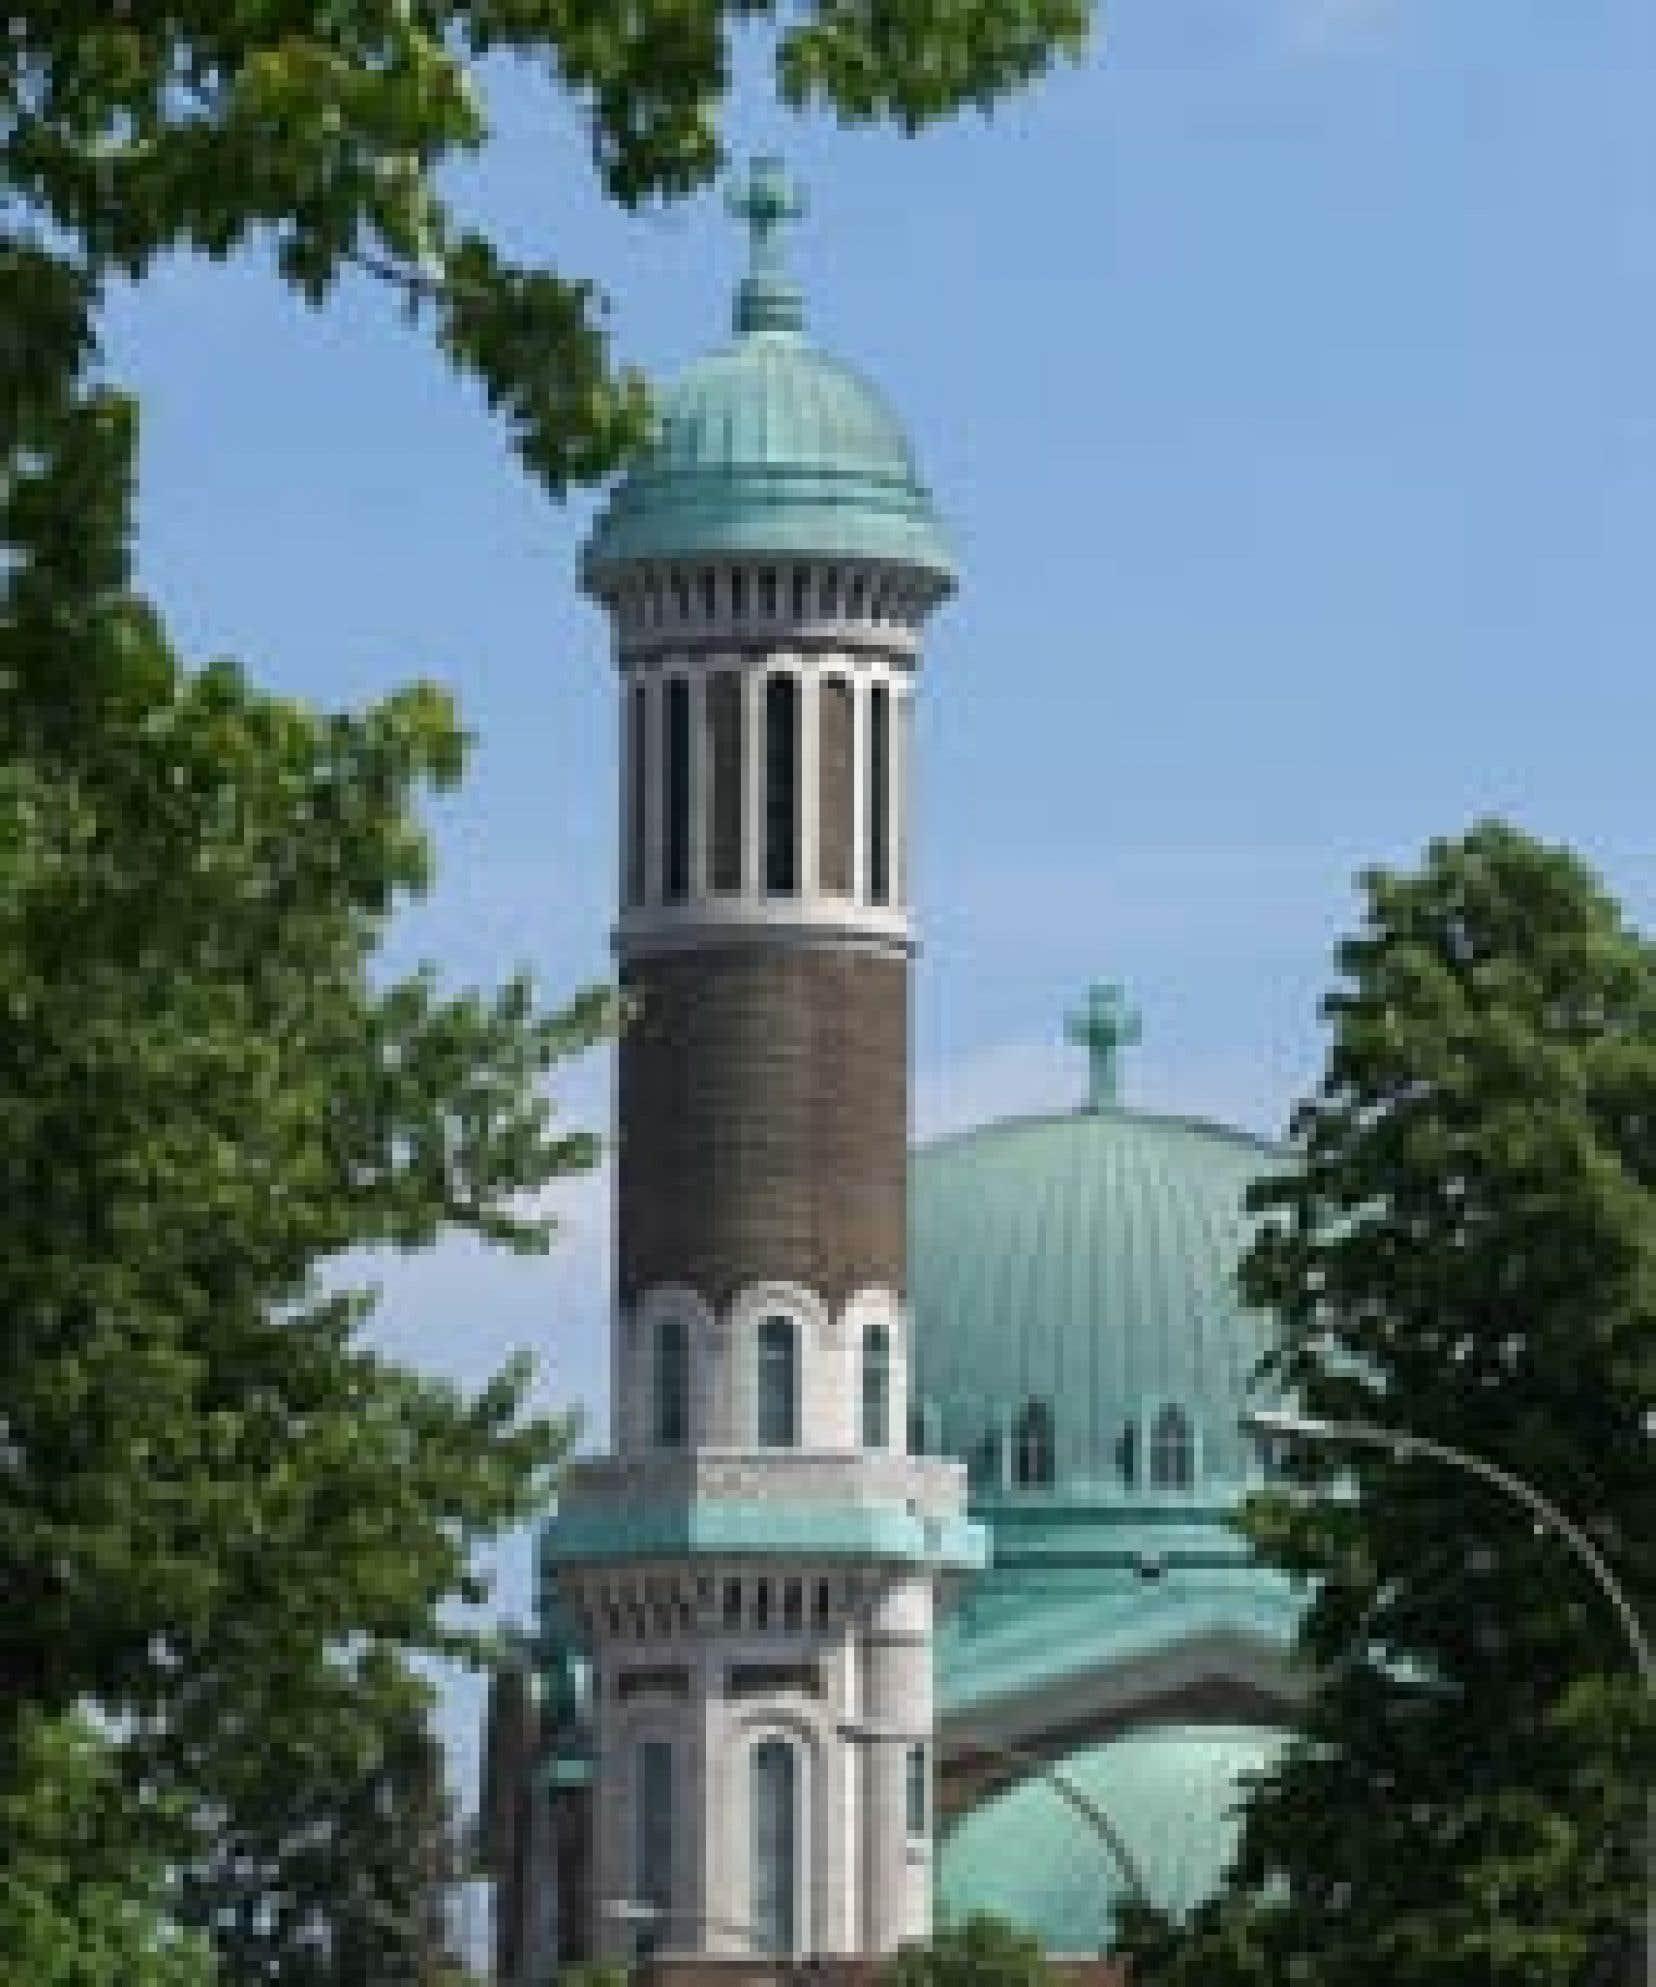 L'église St. Michael's, située à Montréal, est un des rares lieux de culte du Québec à bénéficier d'une subvention pour sa restauration en 2005.